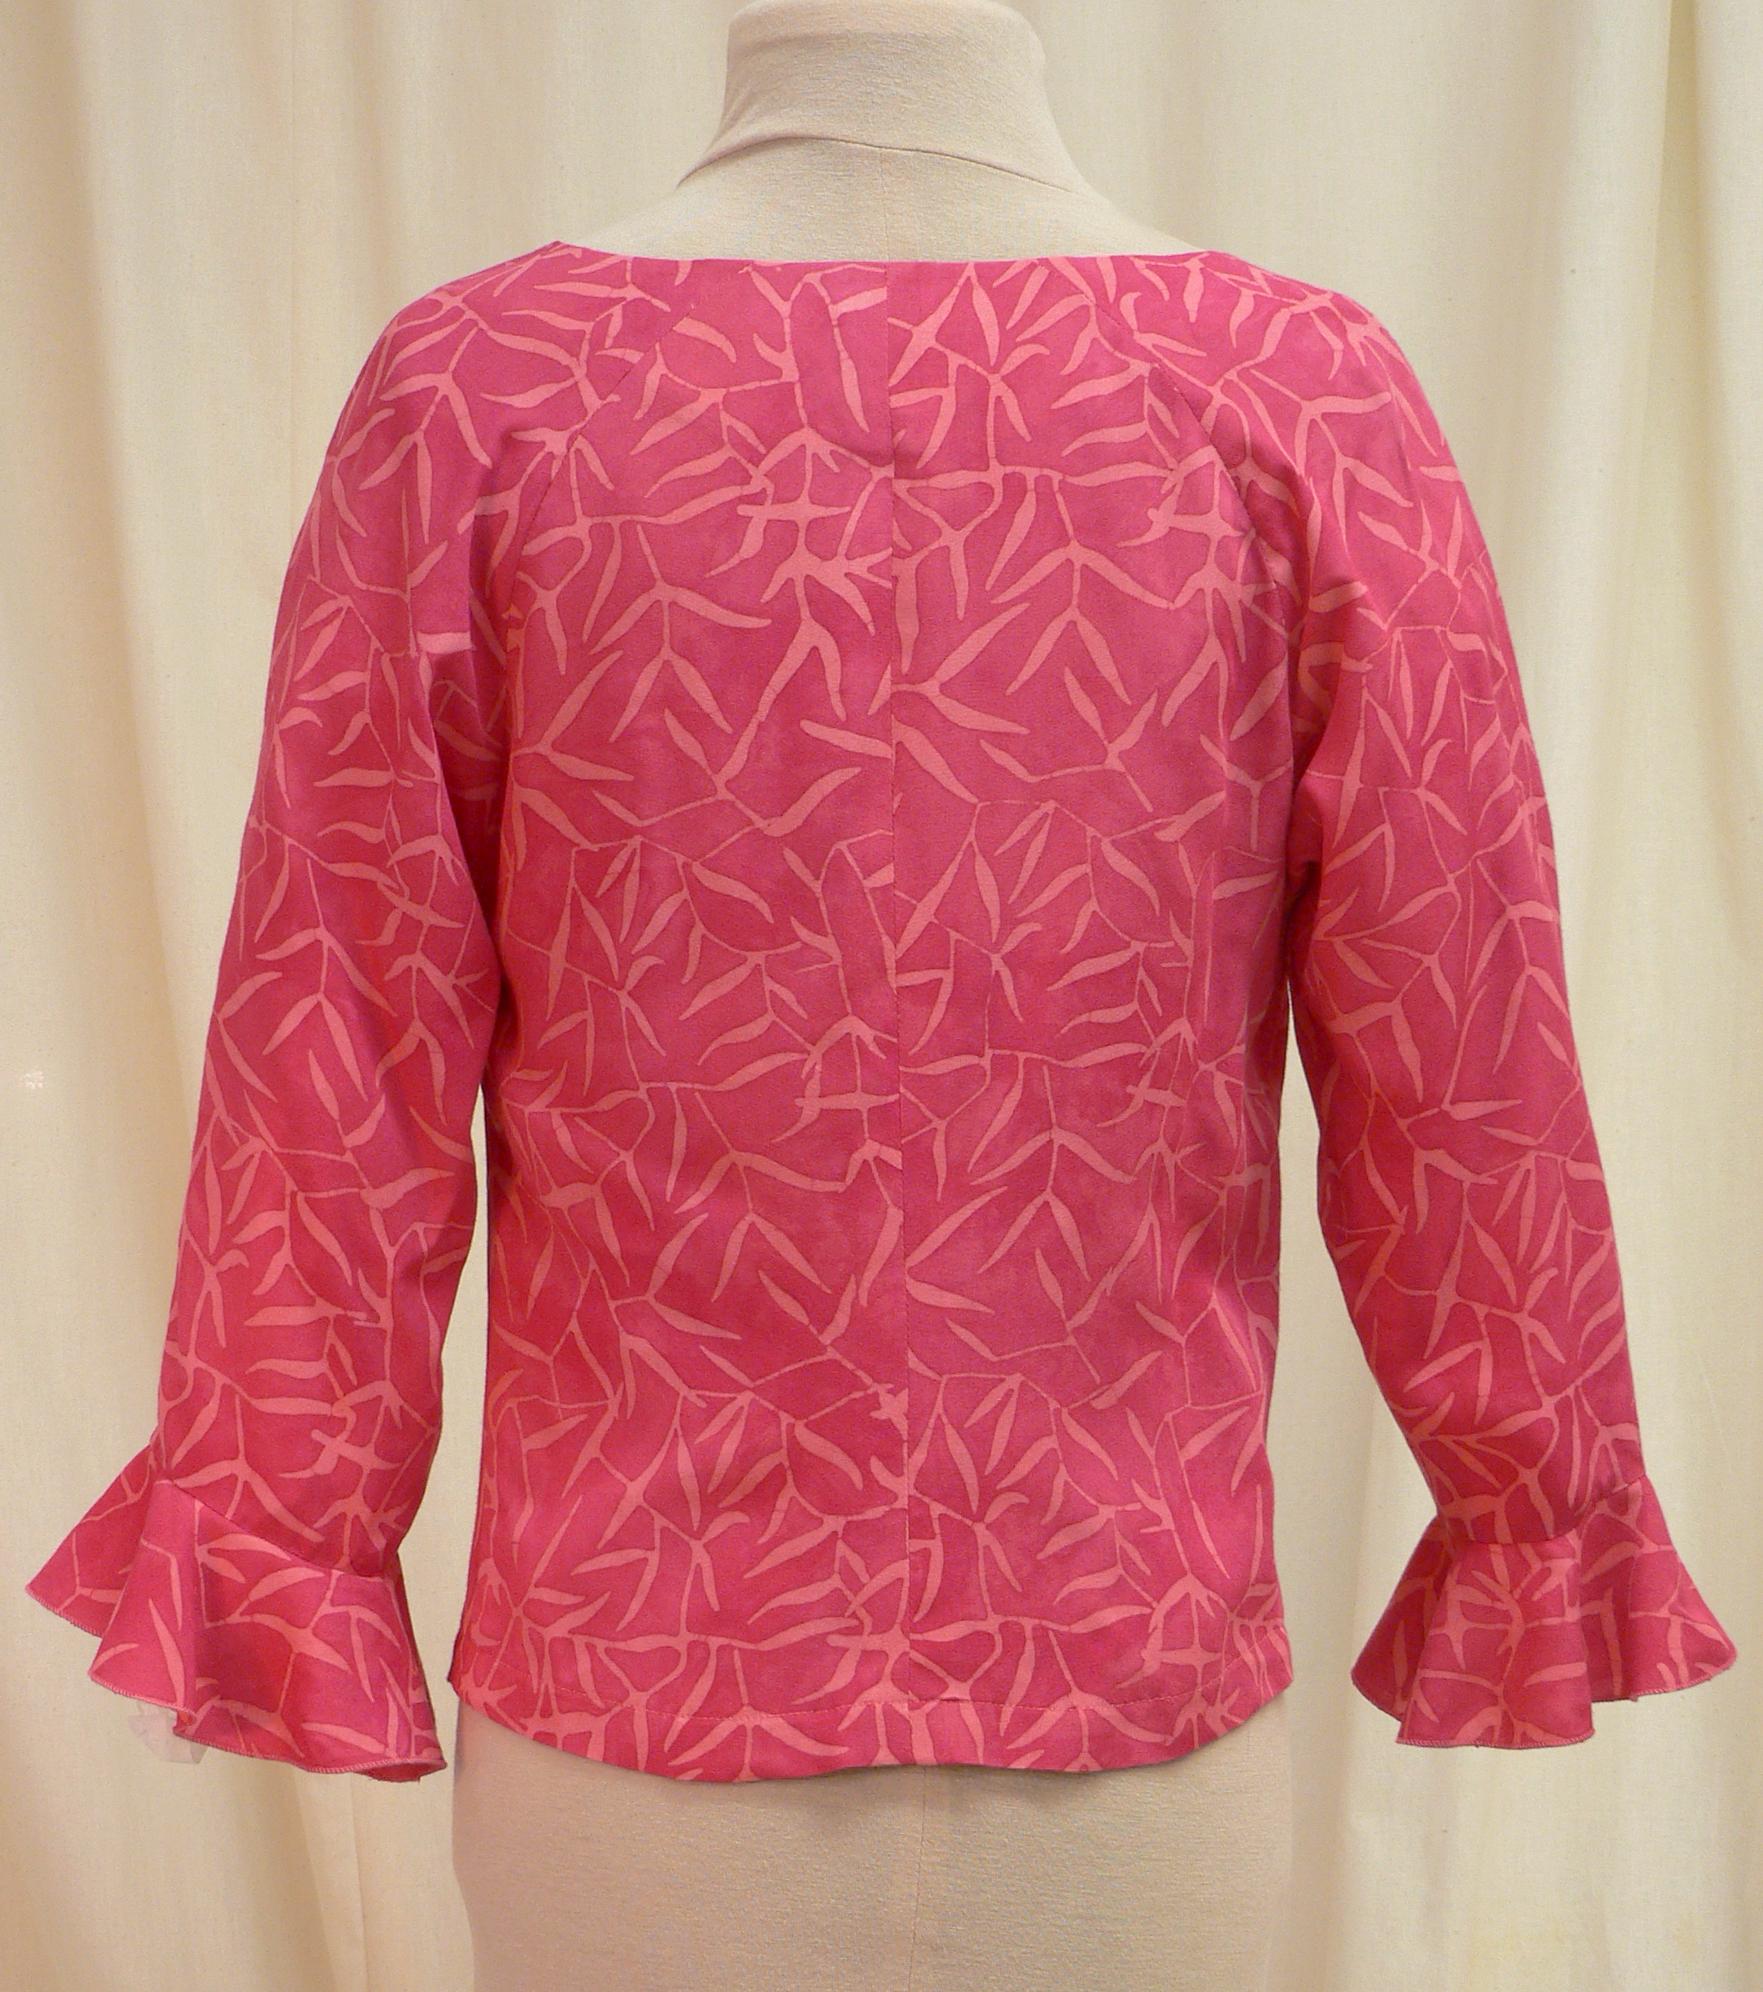 blouse06_back.jpg